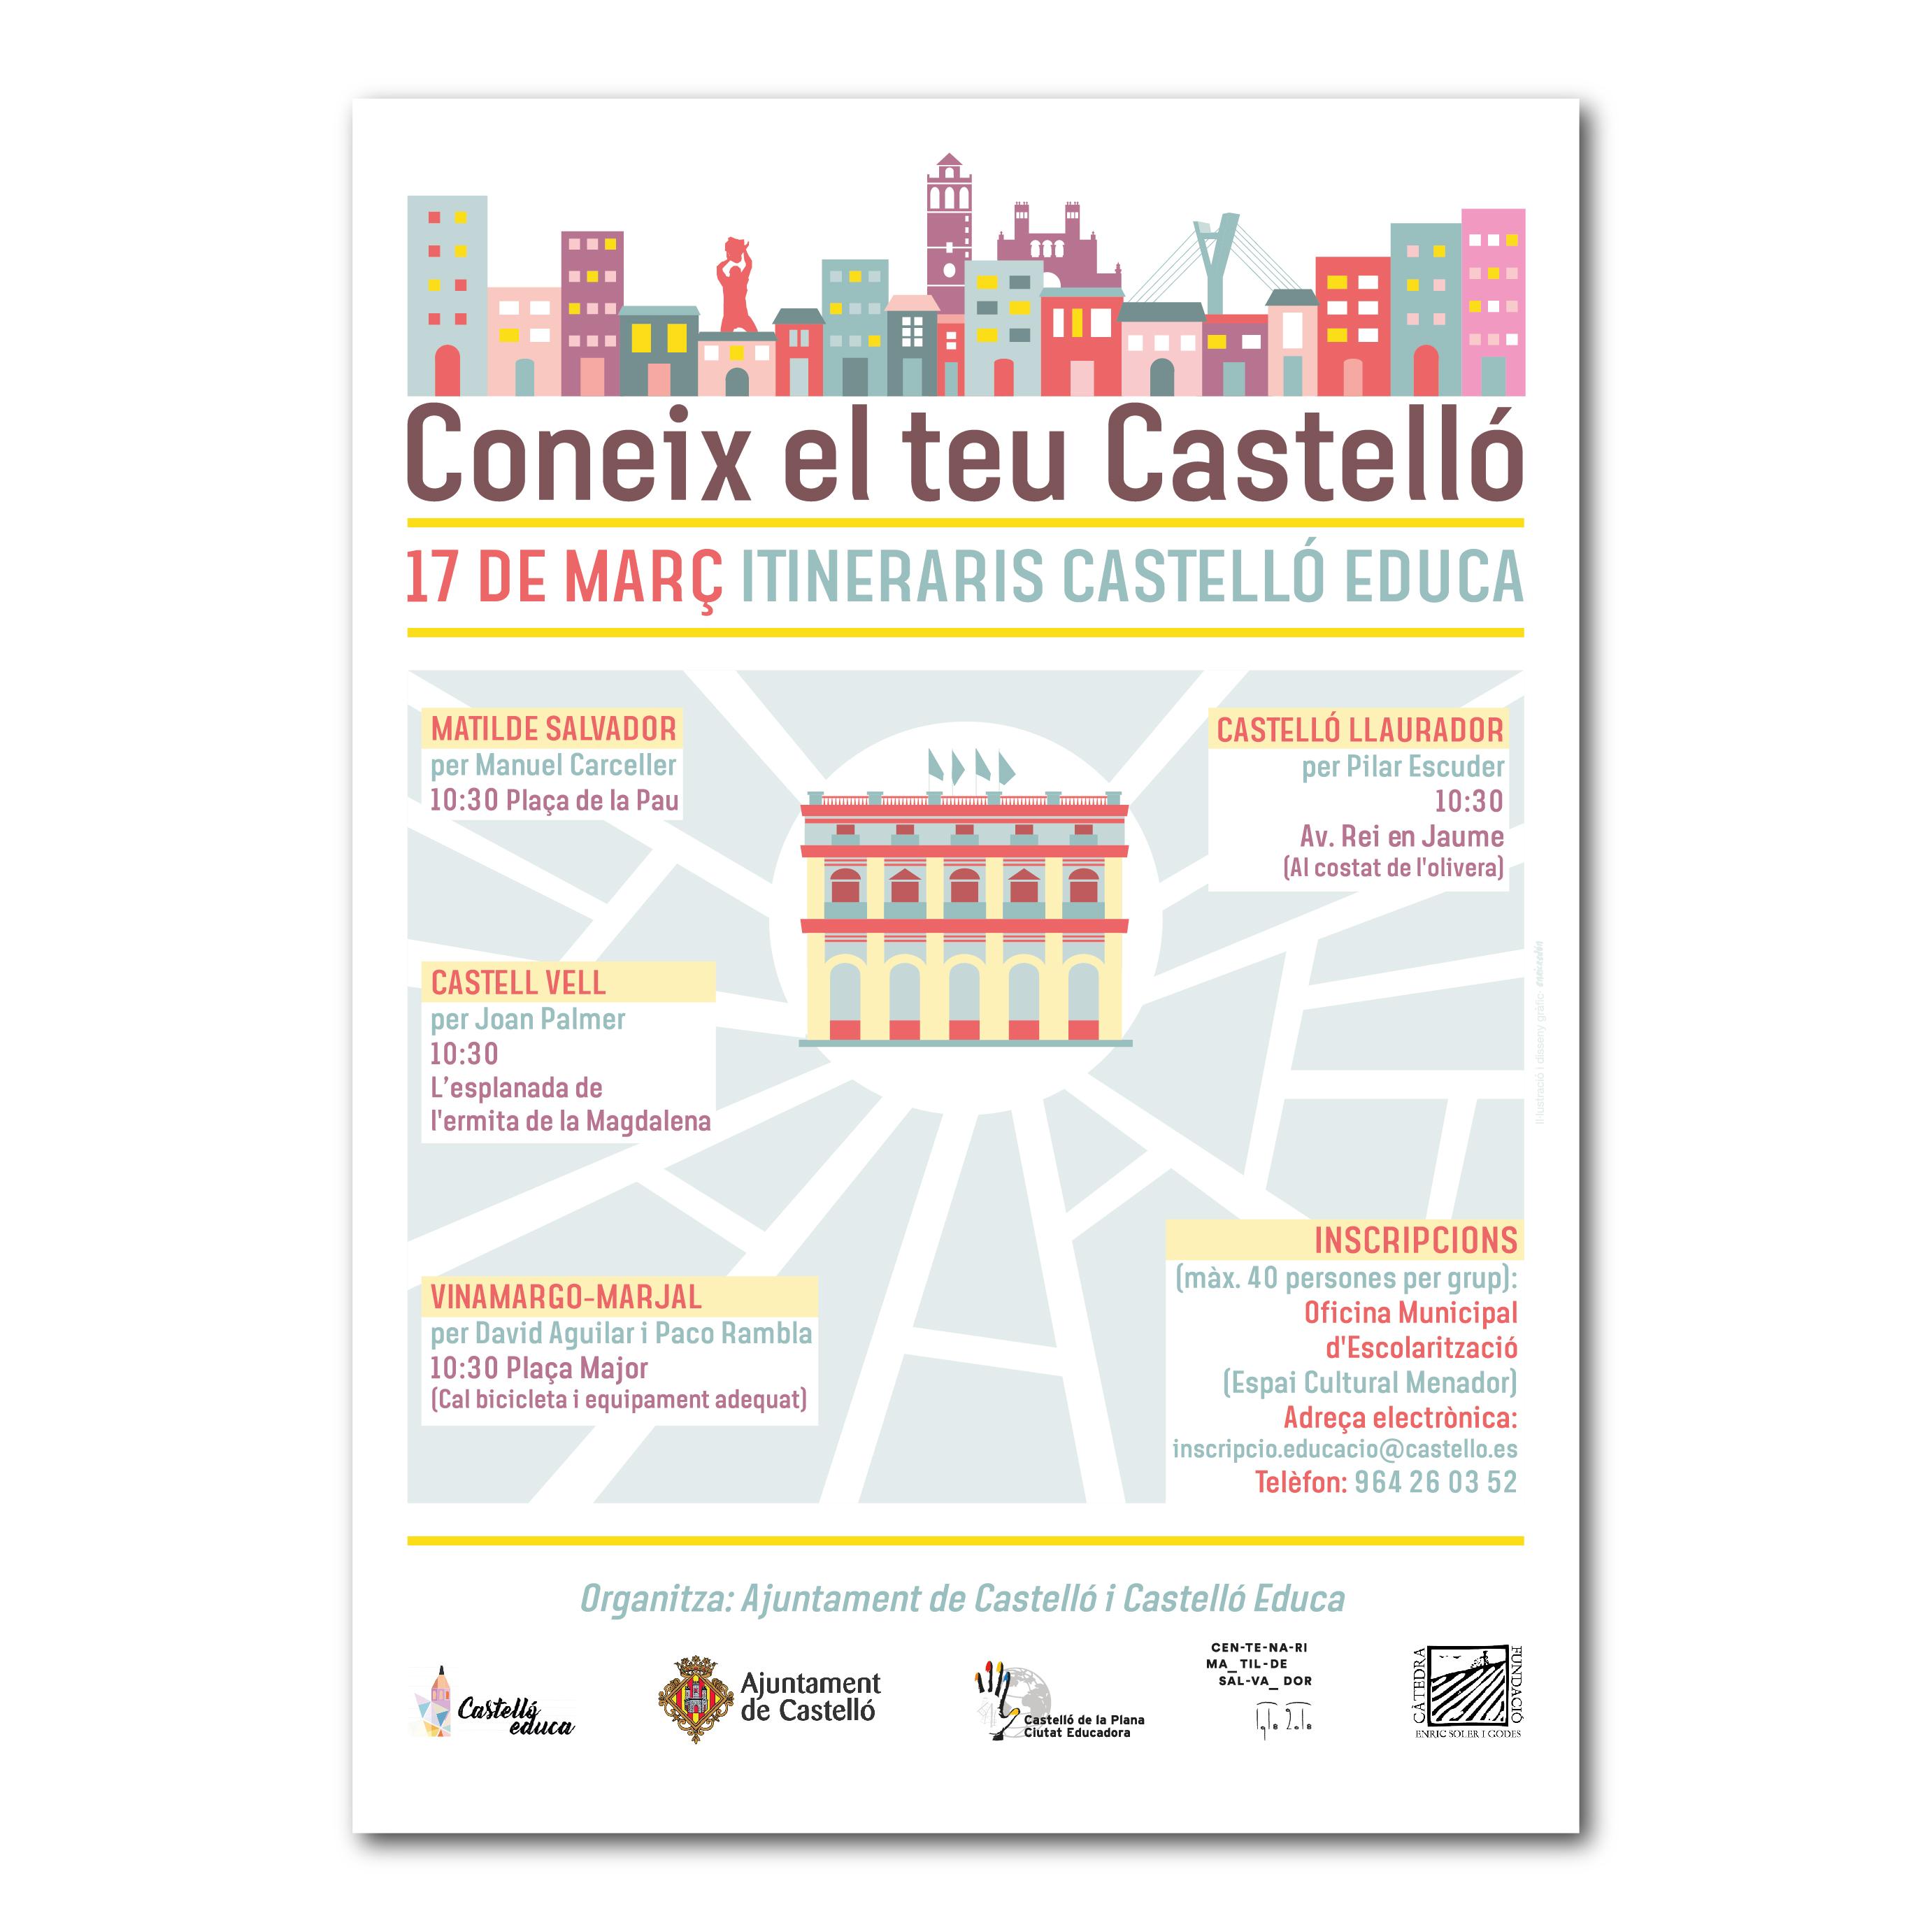 insta_intineraris_castello_educa_mar_2018